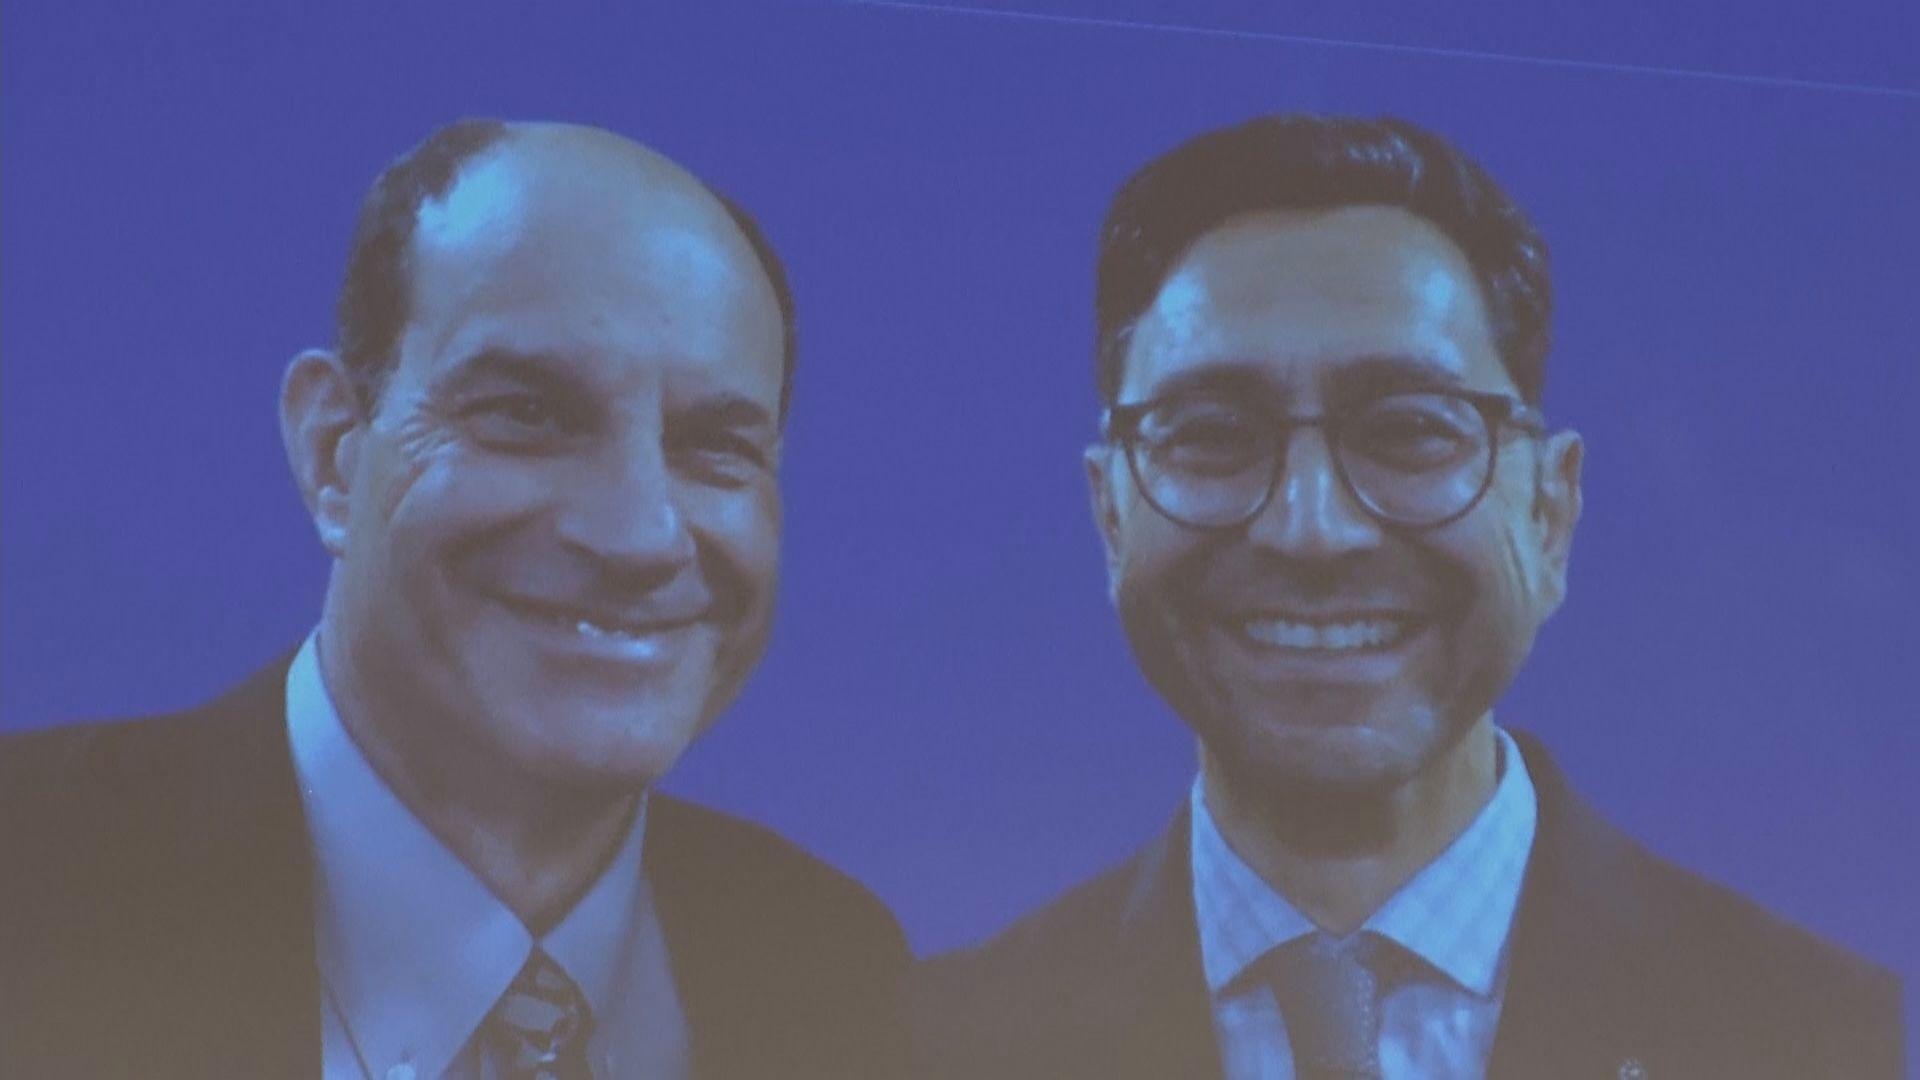 諾貝爾醫學獎兩人共同獲獎 表揚發現人體溫度和觸覺感受器